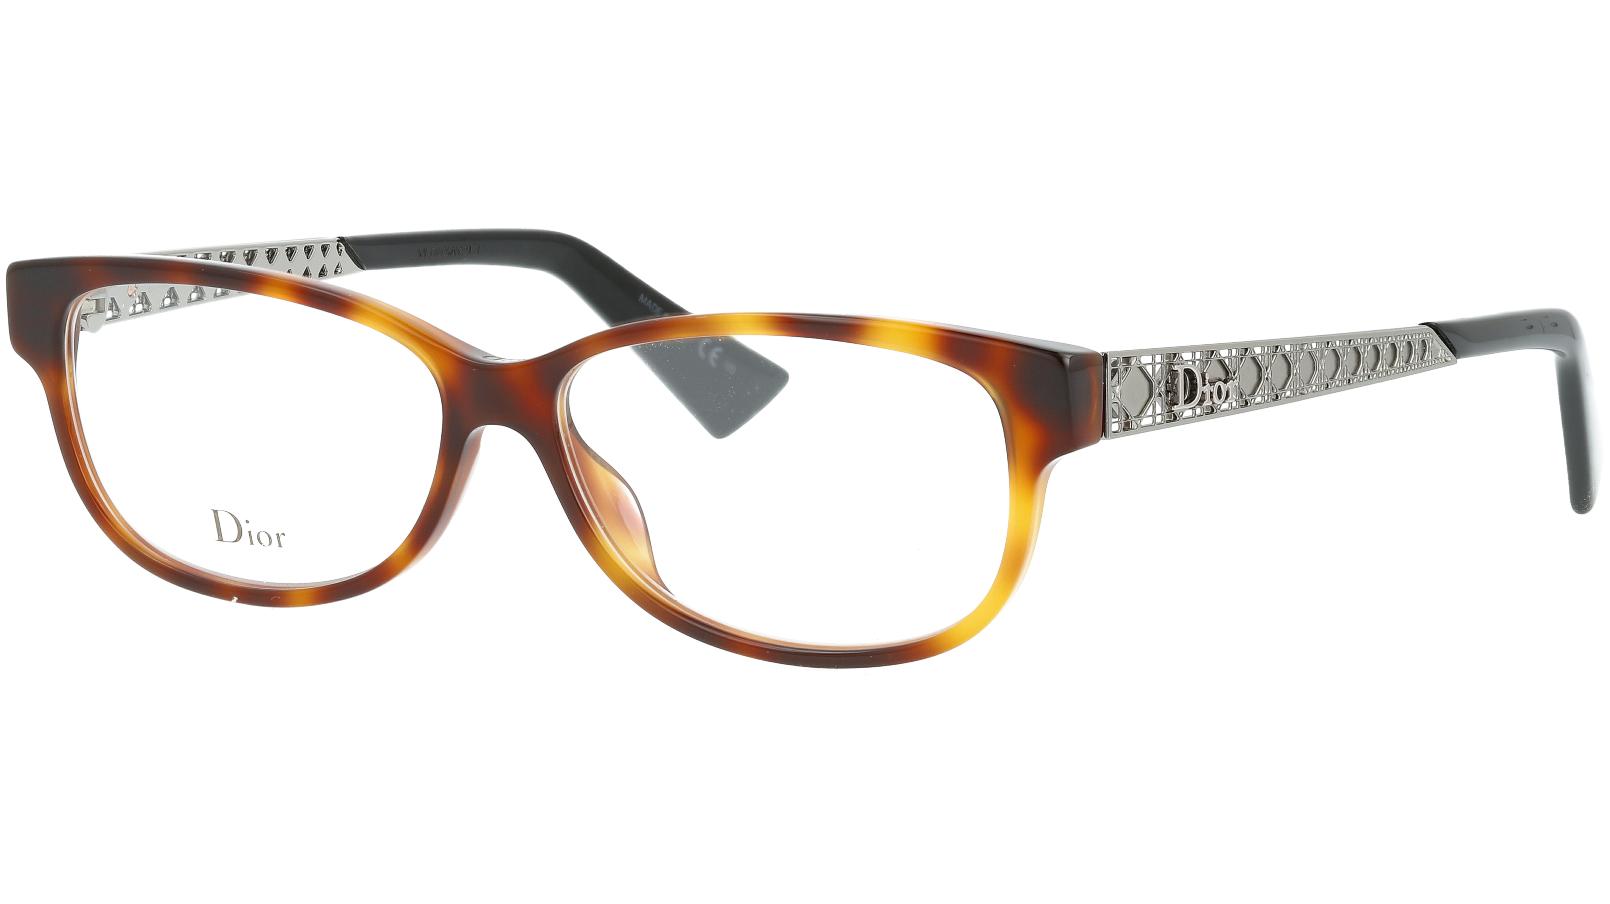 Dior AMAO5 086 53 Dark Glasses